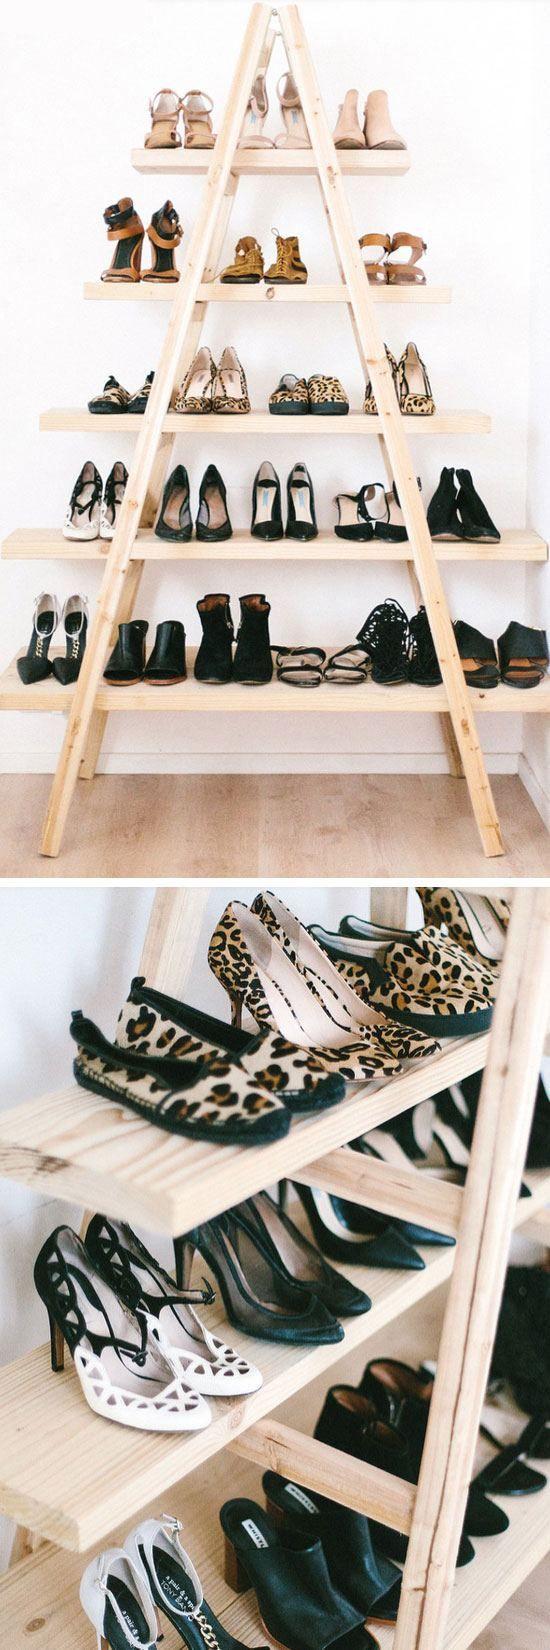 11 simple diy shelves diy shoe storage diy shoe rack on wood shoe rack diy simple id=46336